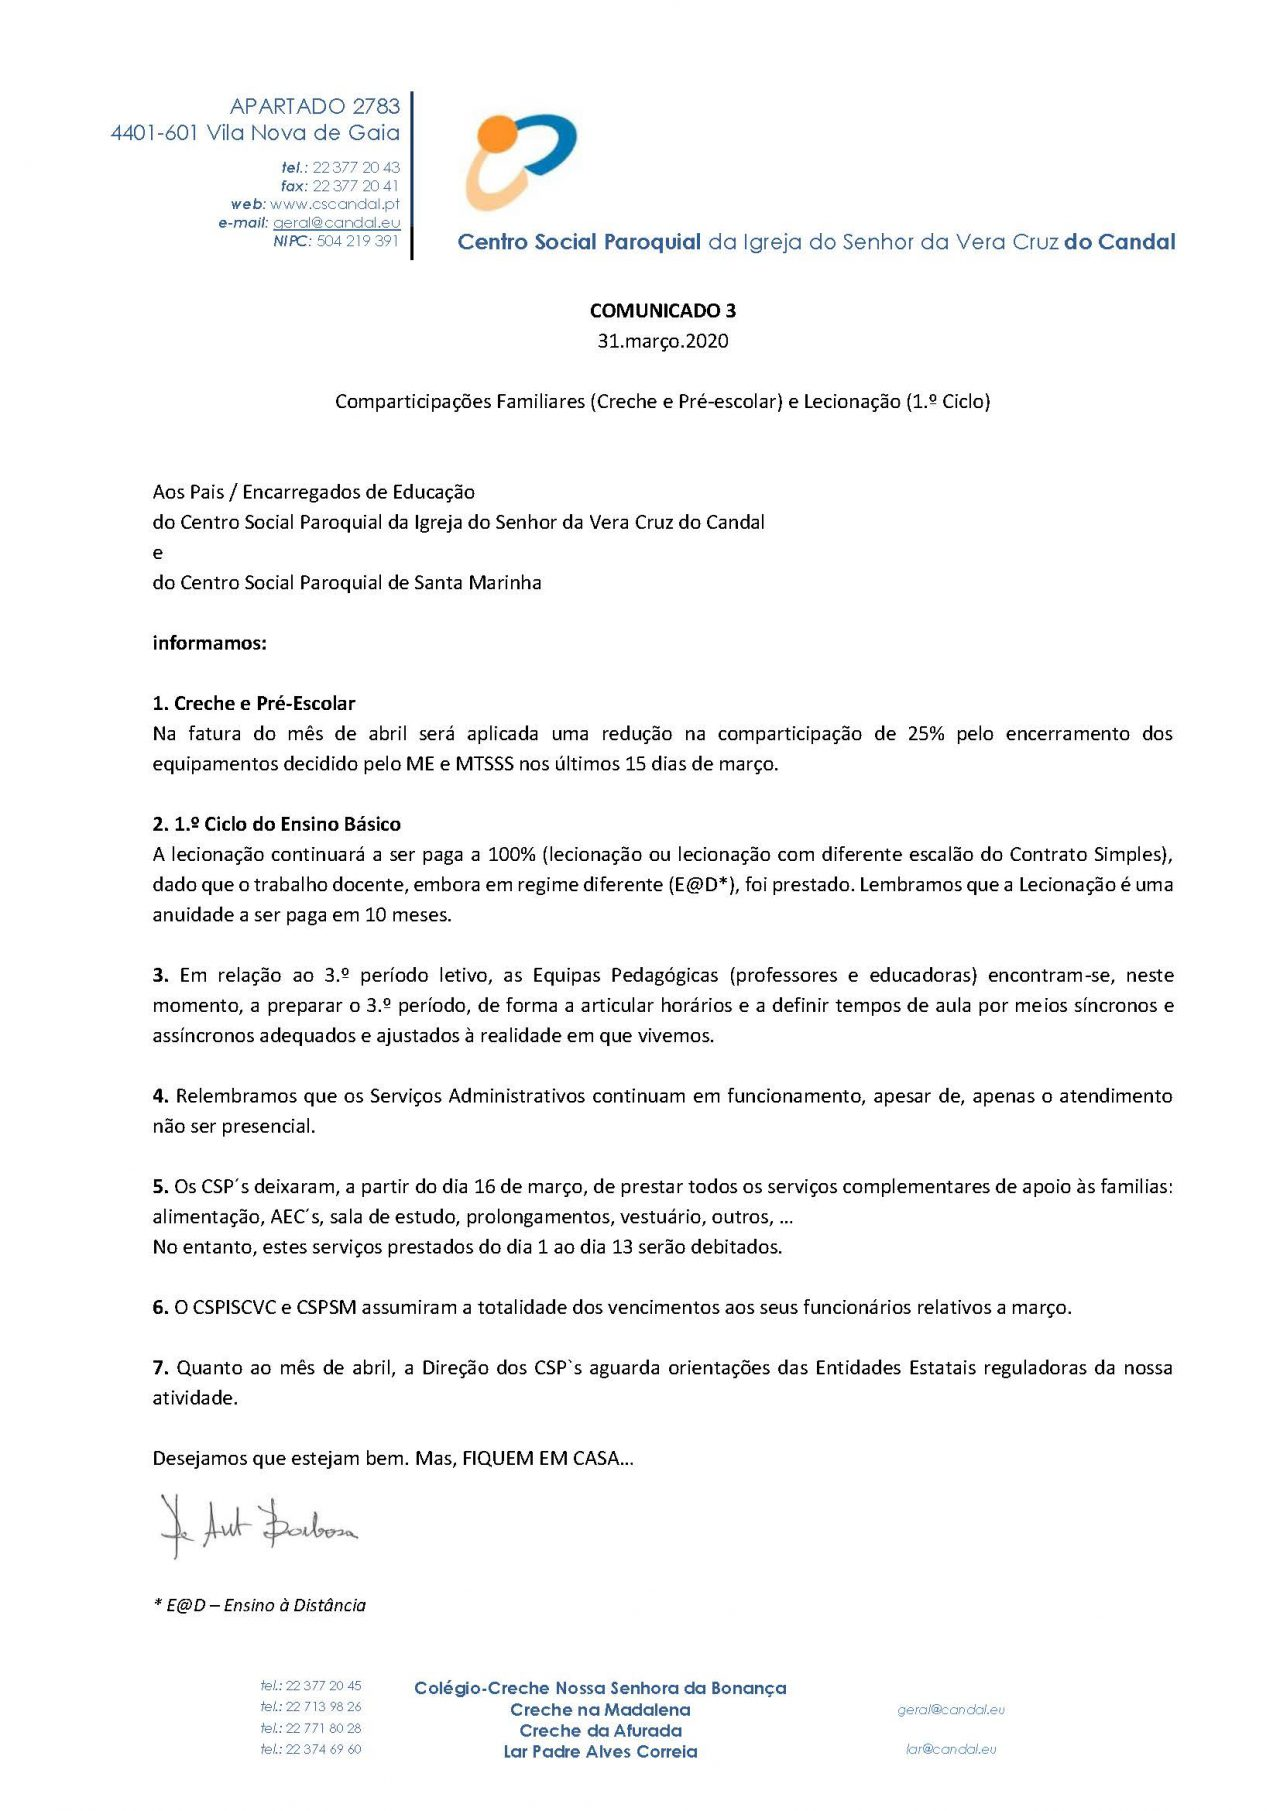 Comunicado-3-1280x1811.jpg